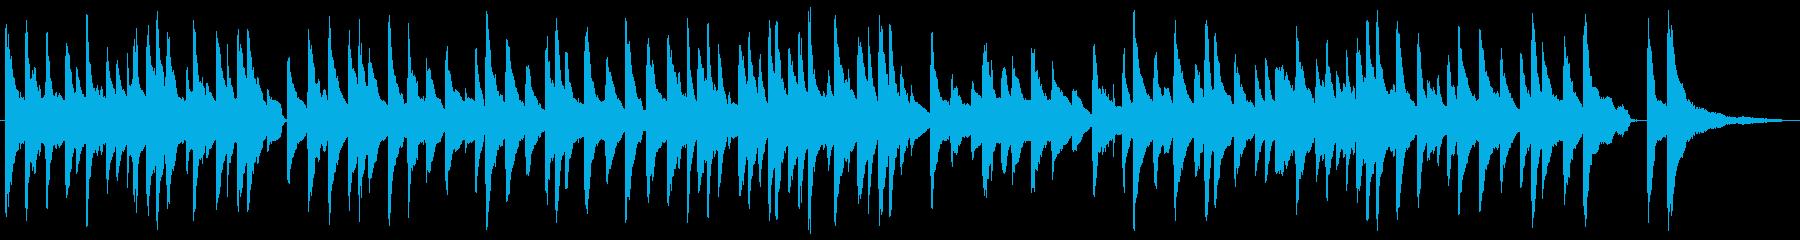 ピアノソロの正統派なラウンジミュージックの再生済みの波形